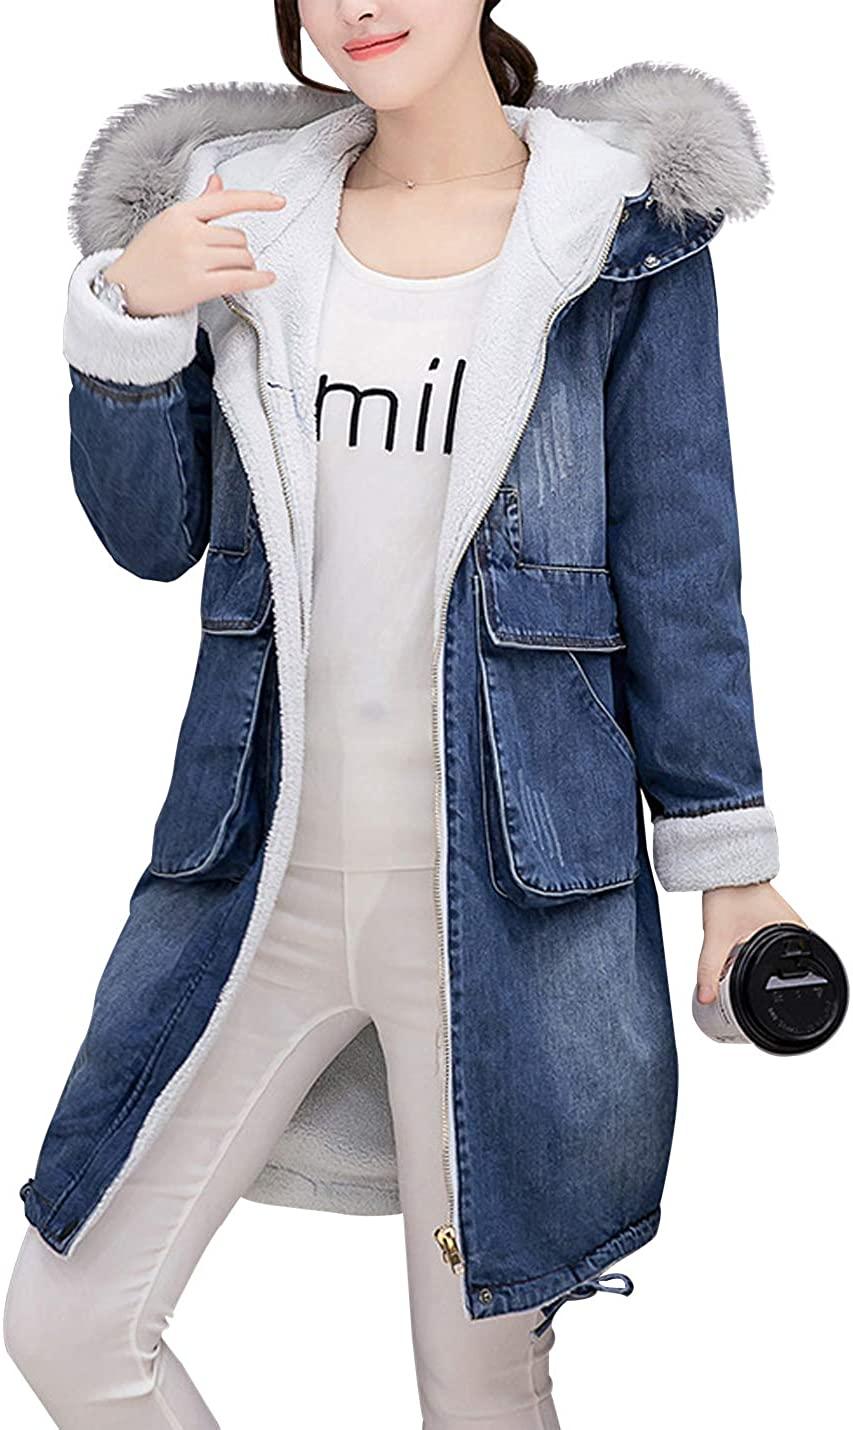 D.B.M Ladies Warm Lamb Wool Zipper Large Pocket Fur Collar Hooded Denim Jacket